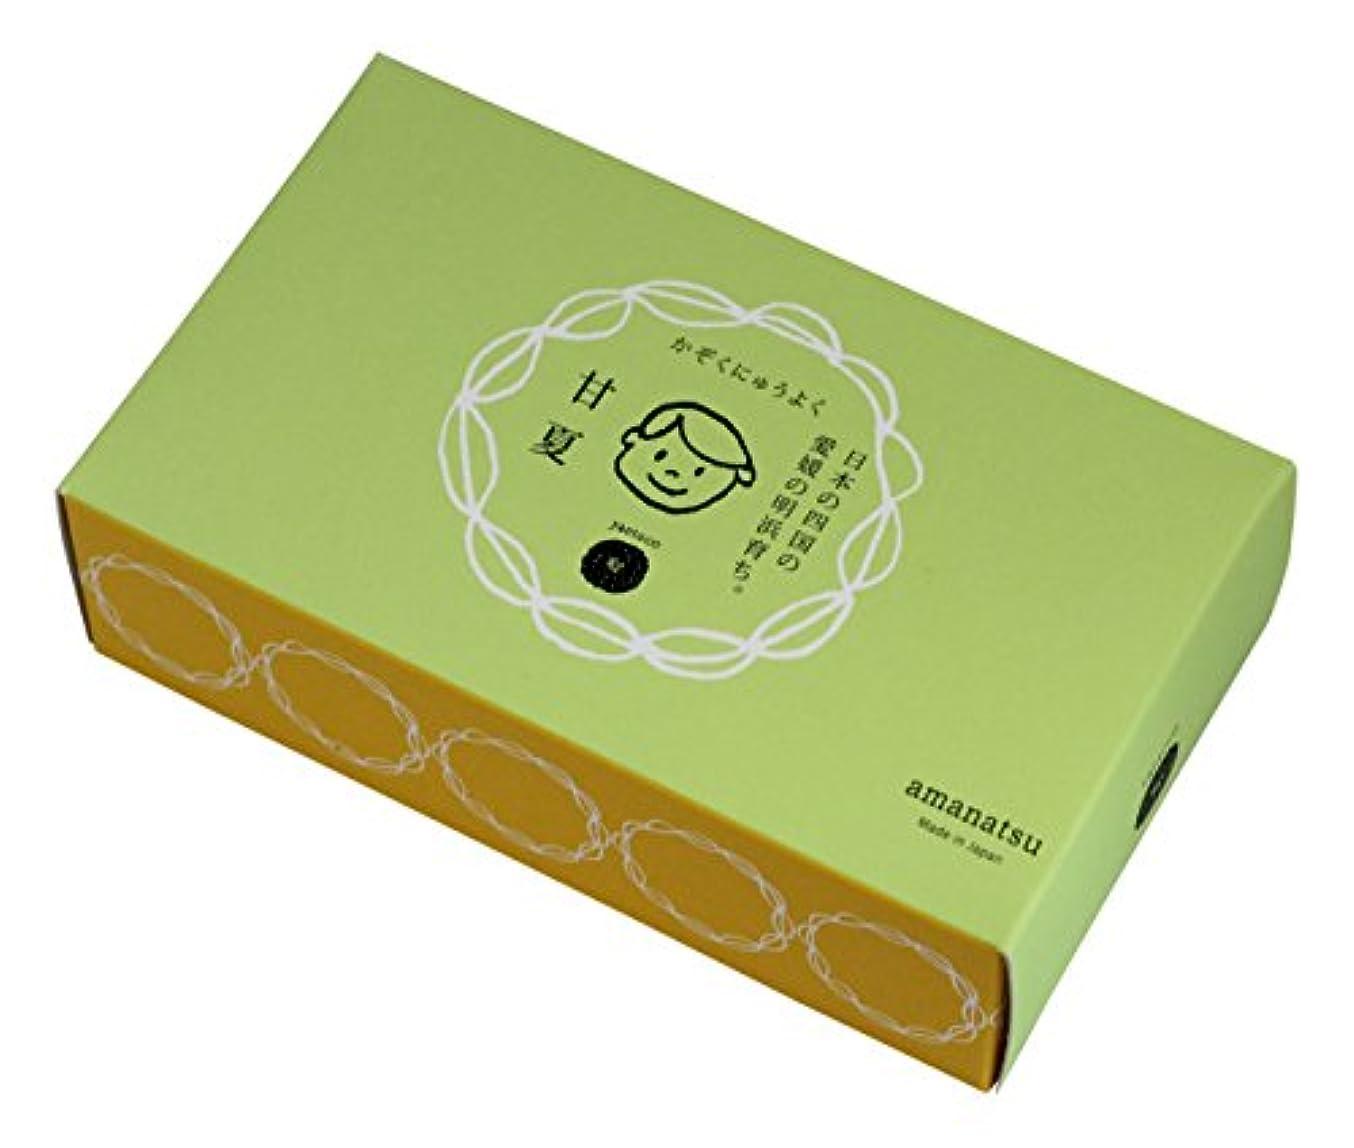 ハッチ解釈的はちみつyaetoco バスソルト 甘夏の香り(箱売り)50g×5P